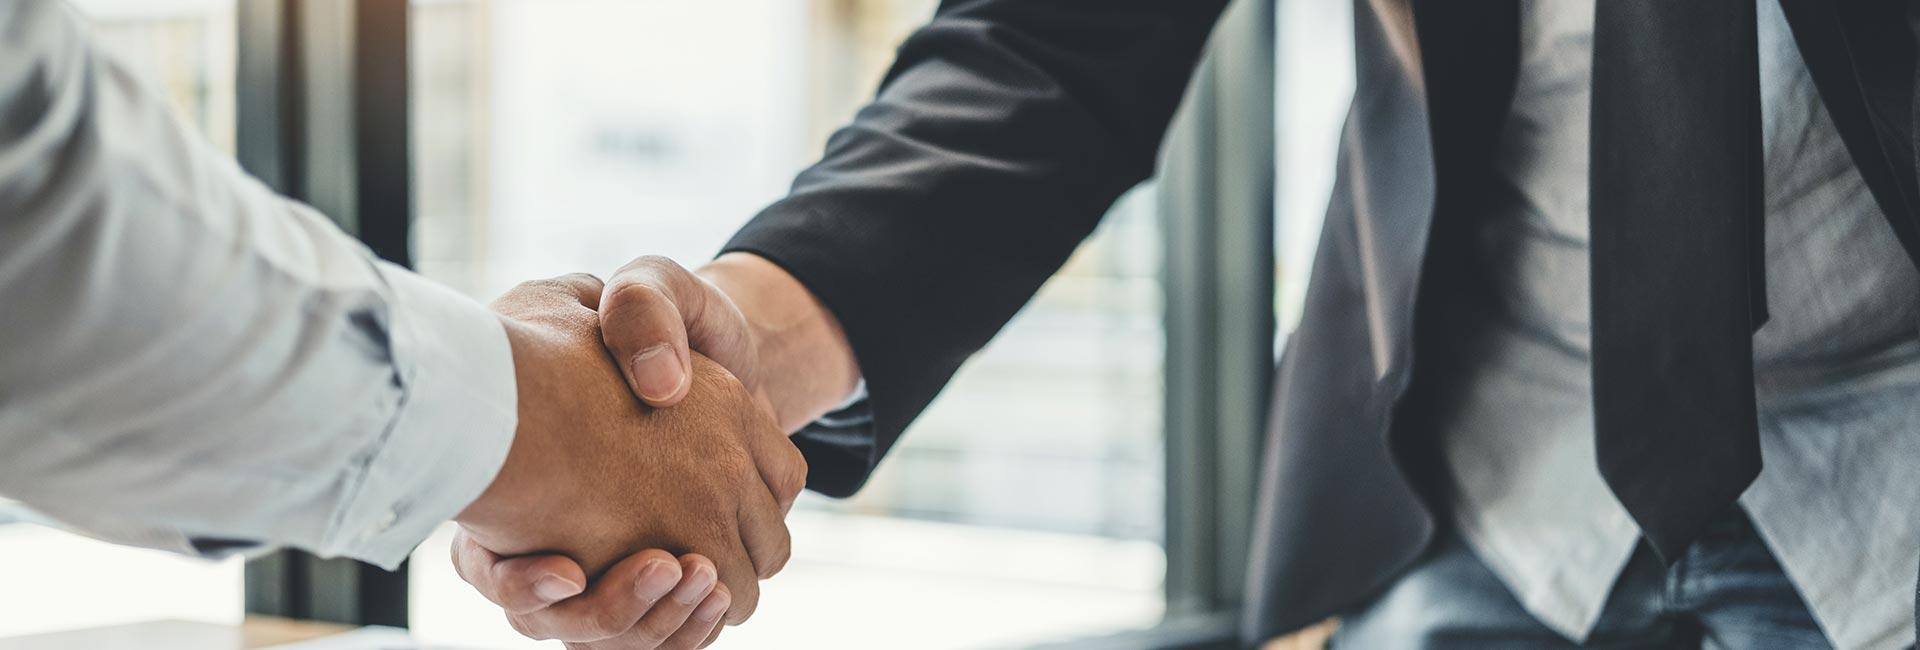 Personalizzazioni B2B per aziende e reti automotive Autronica